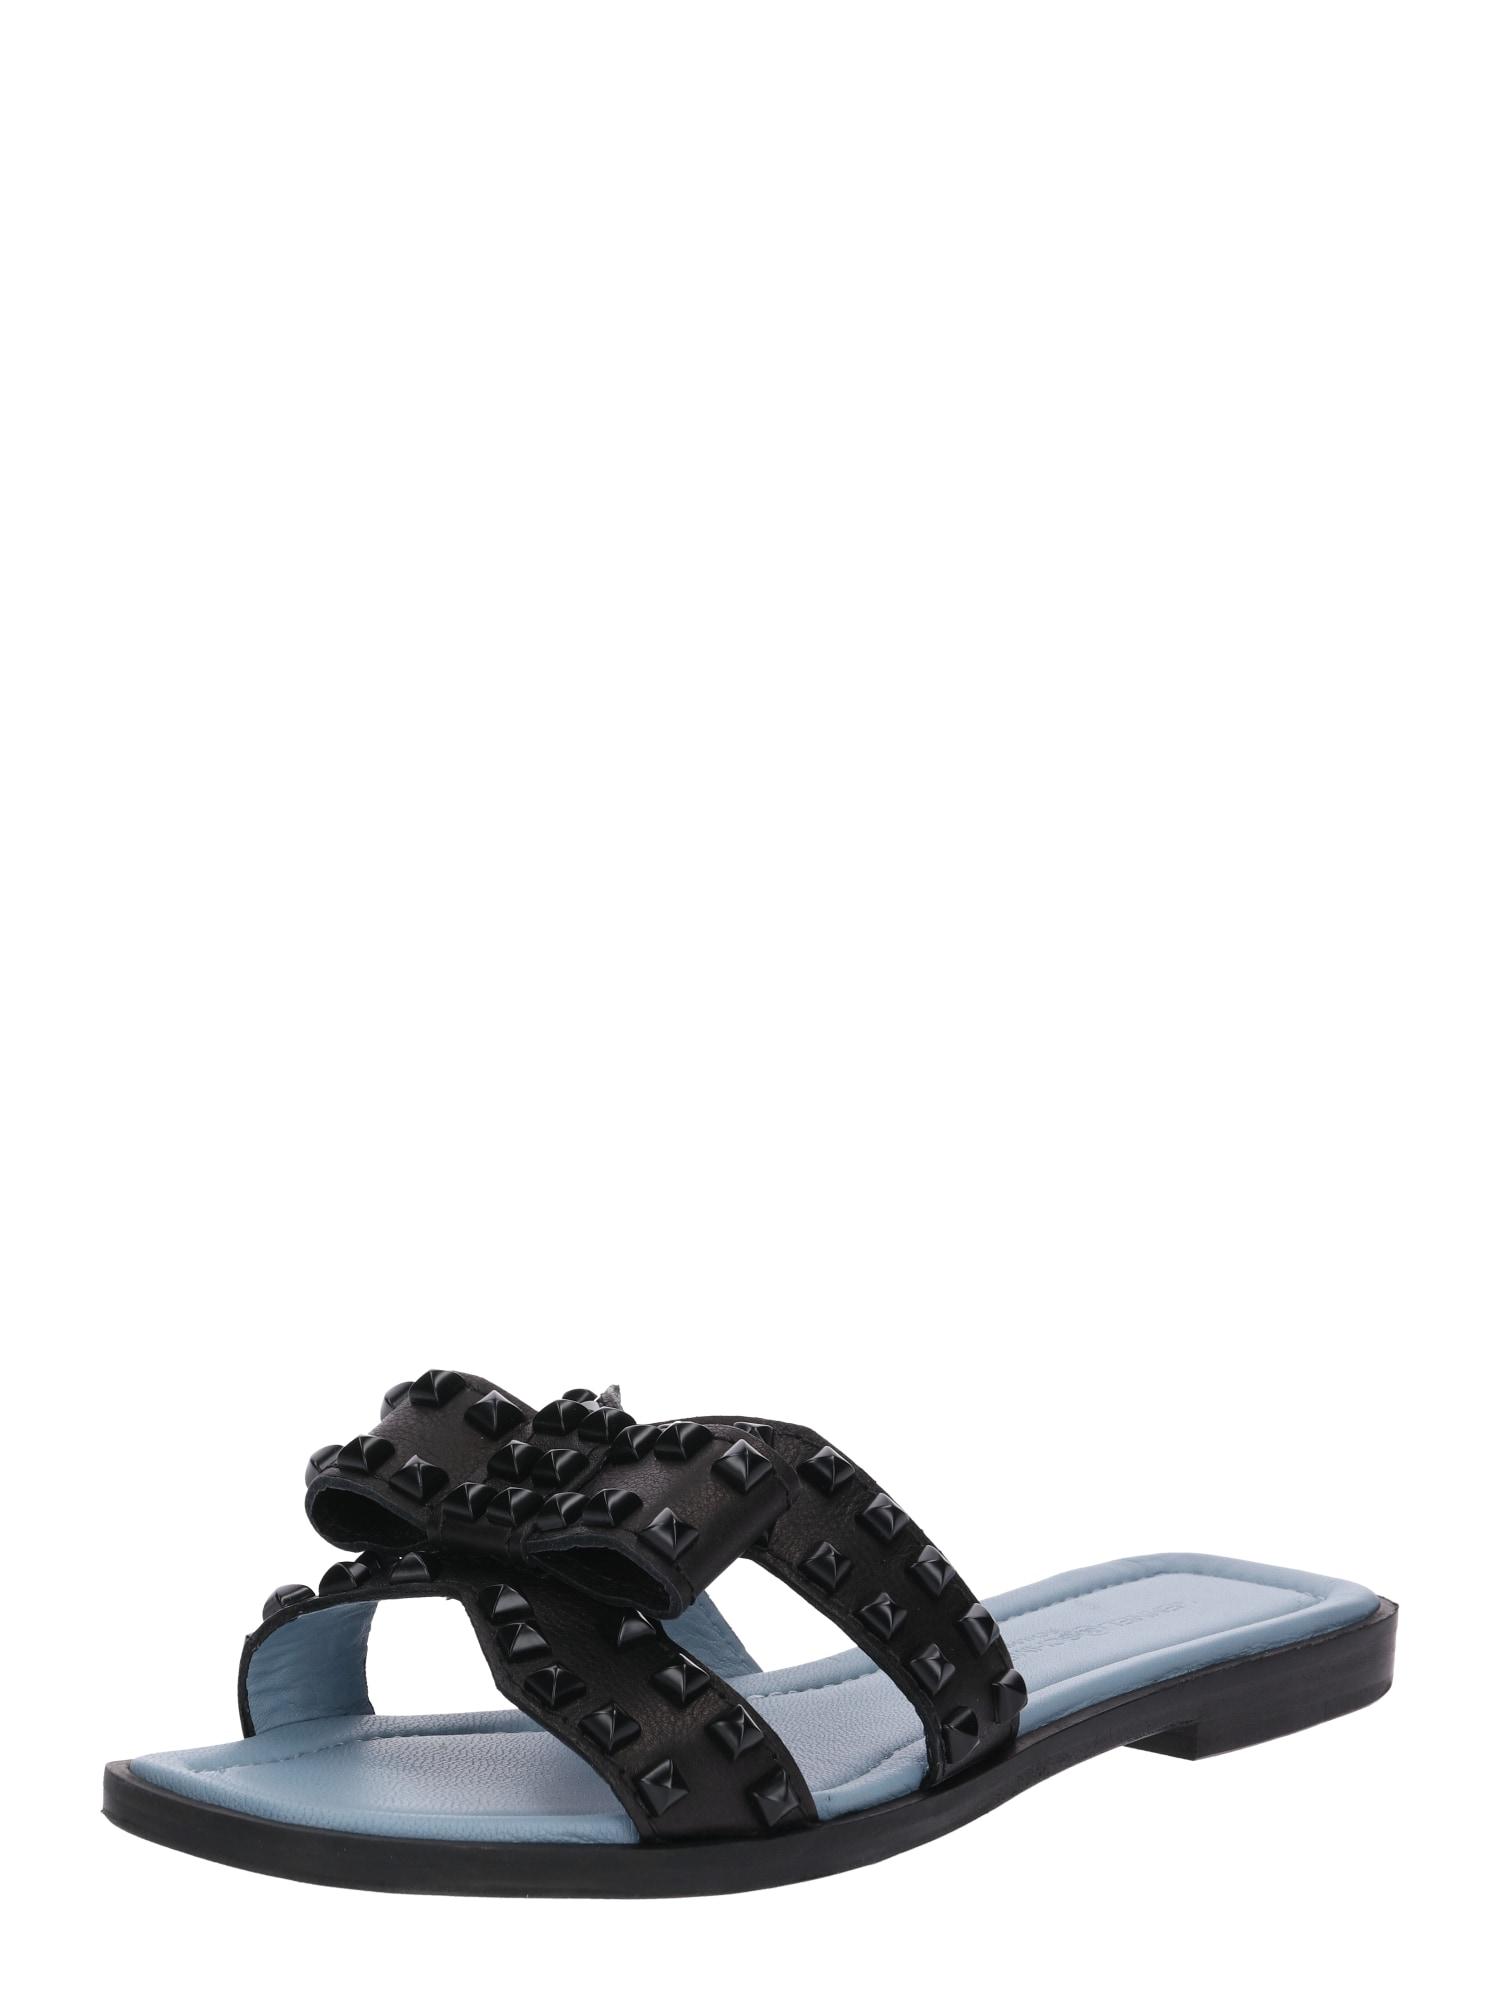 Sandály Gift černá Kennel & Schmenger